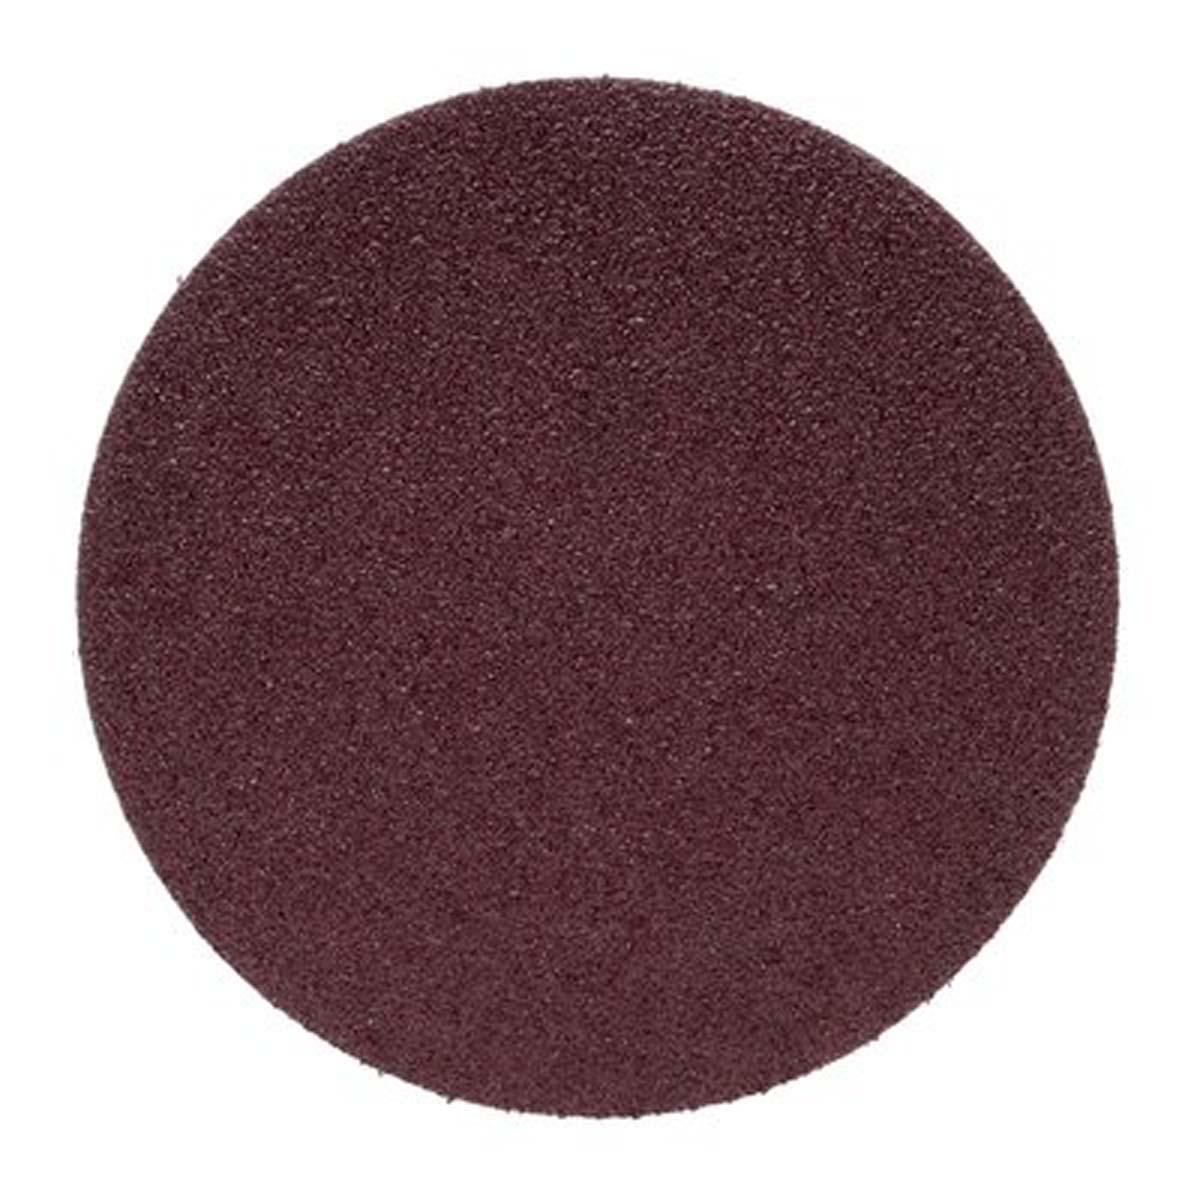 3M PSA Cloth Disc 348D, 8 in x NH 36 X-weight, 50 per inner 250 per case